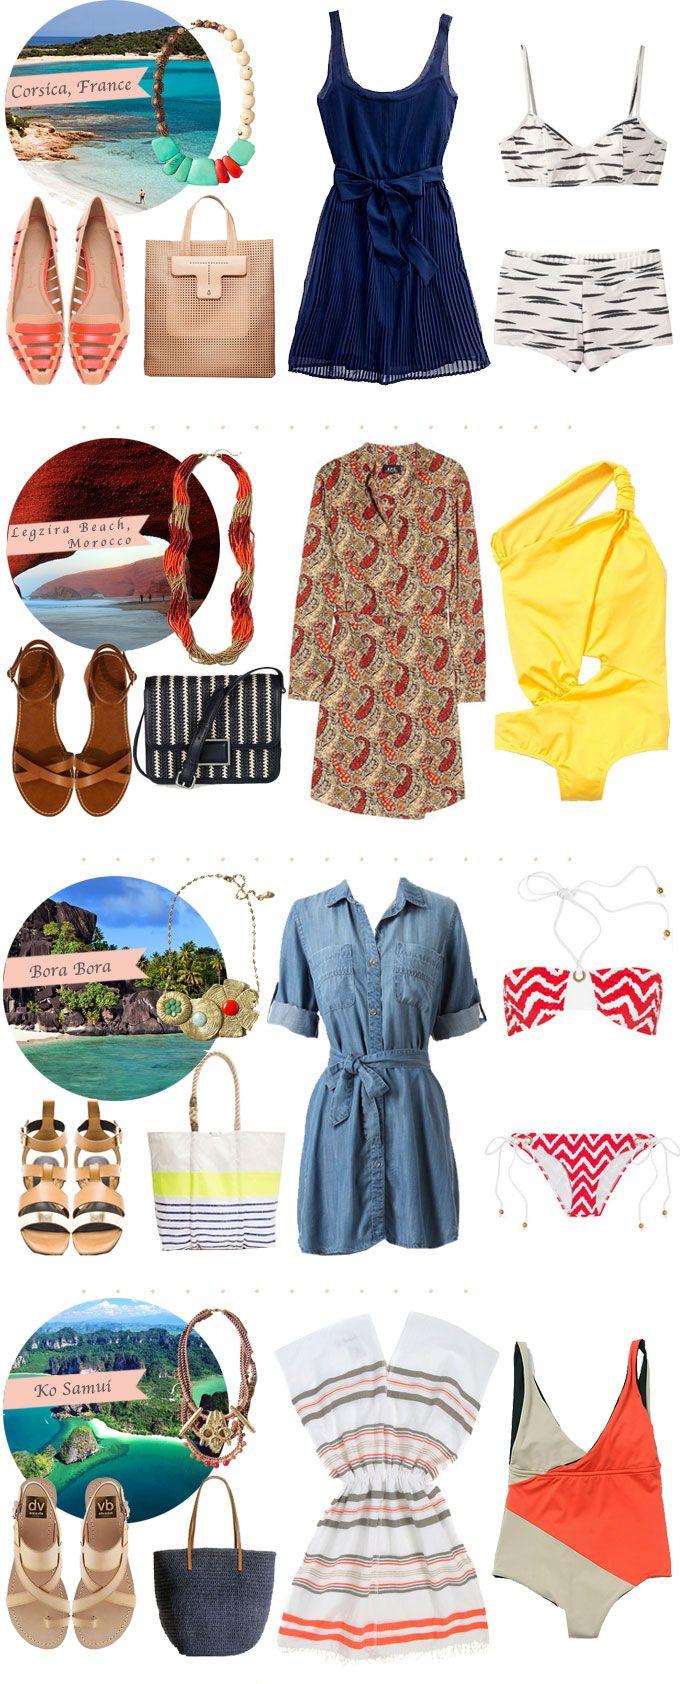 Best 20+ Women's beach outfits ideas on Pinterest | Beach wear ...